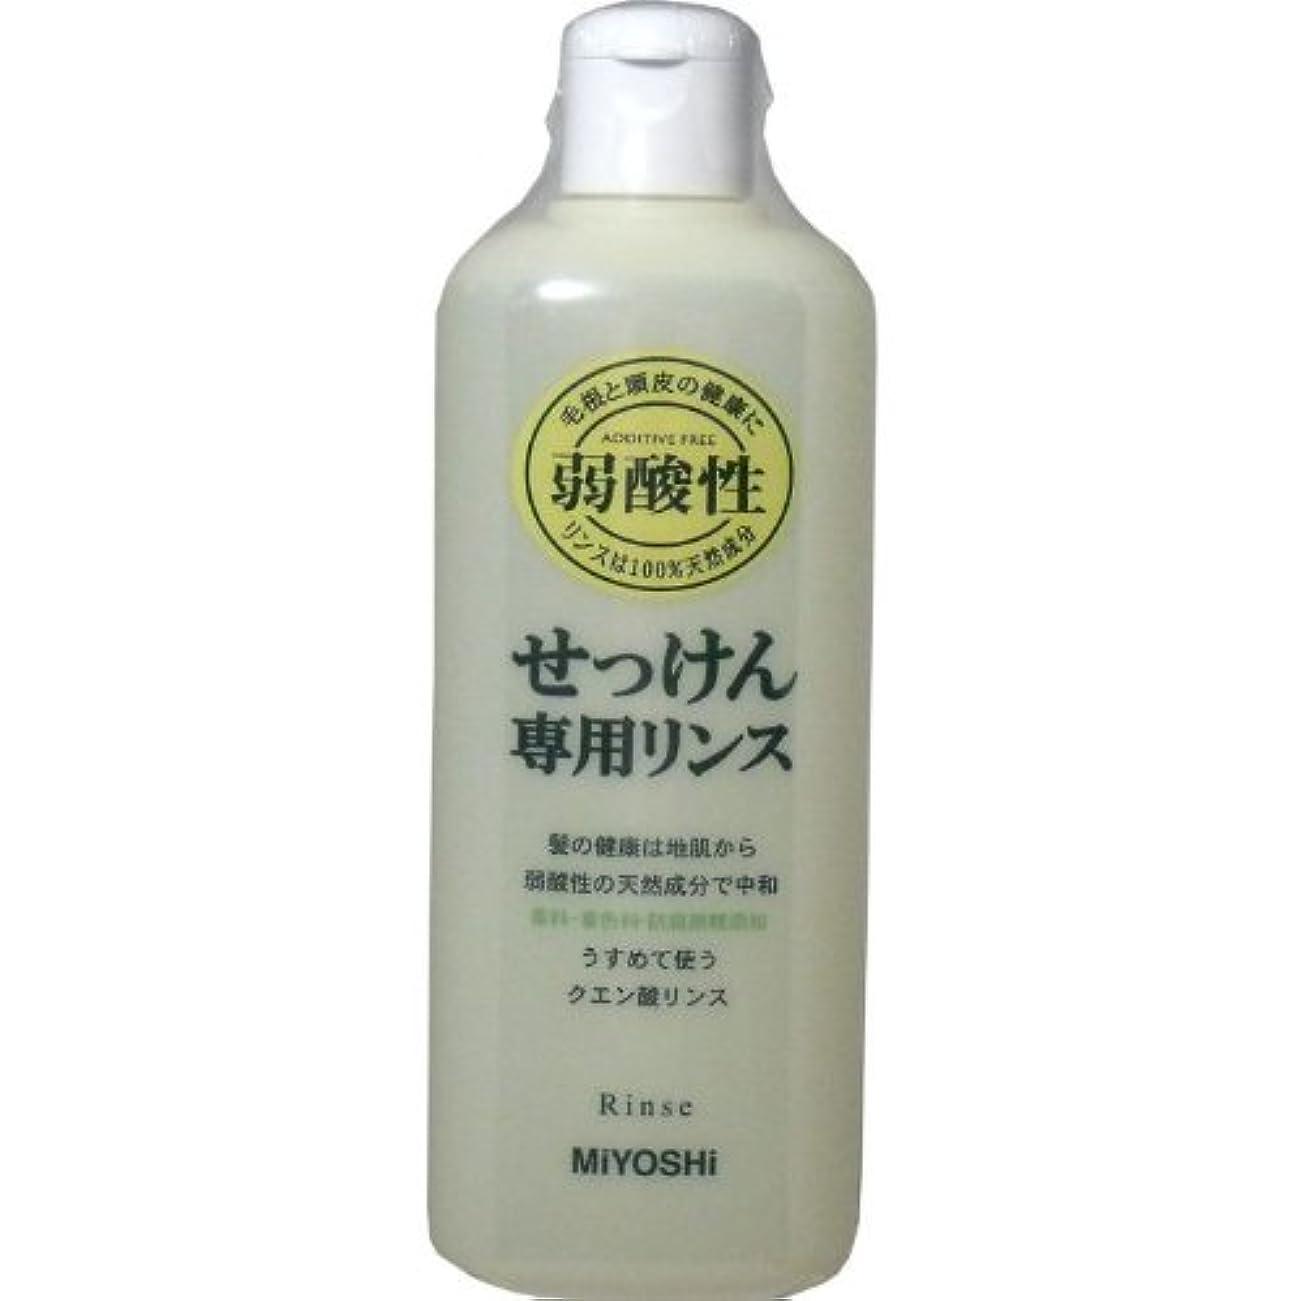 千起きている制限された髪の健康は地肌から、弱酸性の天然成分で中和!!香料、防腐剤、着色料無添加!うすめて使うクエン酸リンス!リンス 350mL【4個セット】